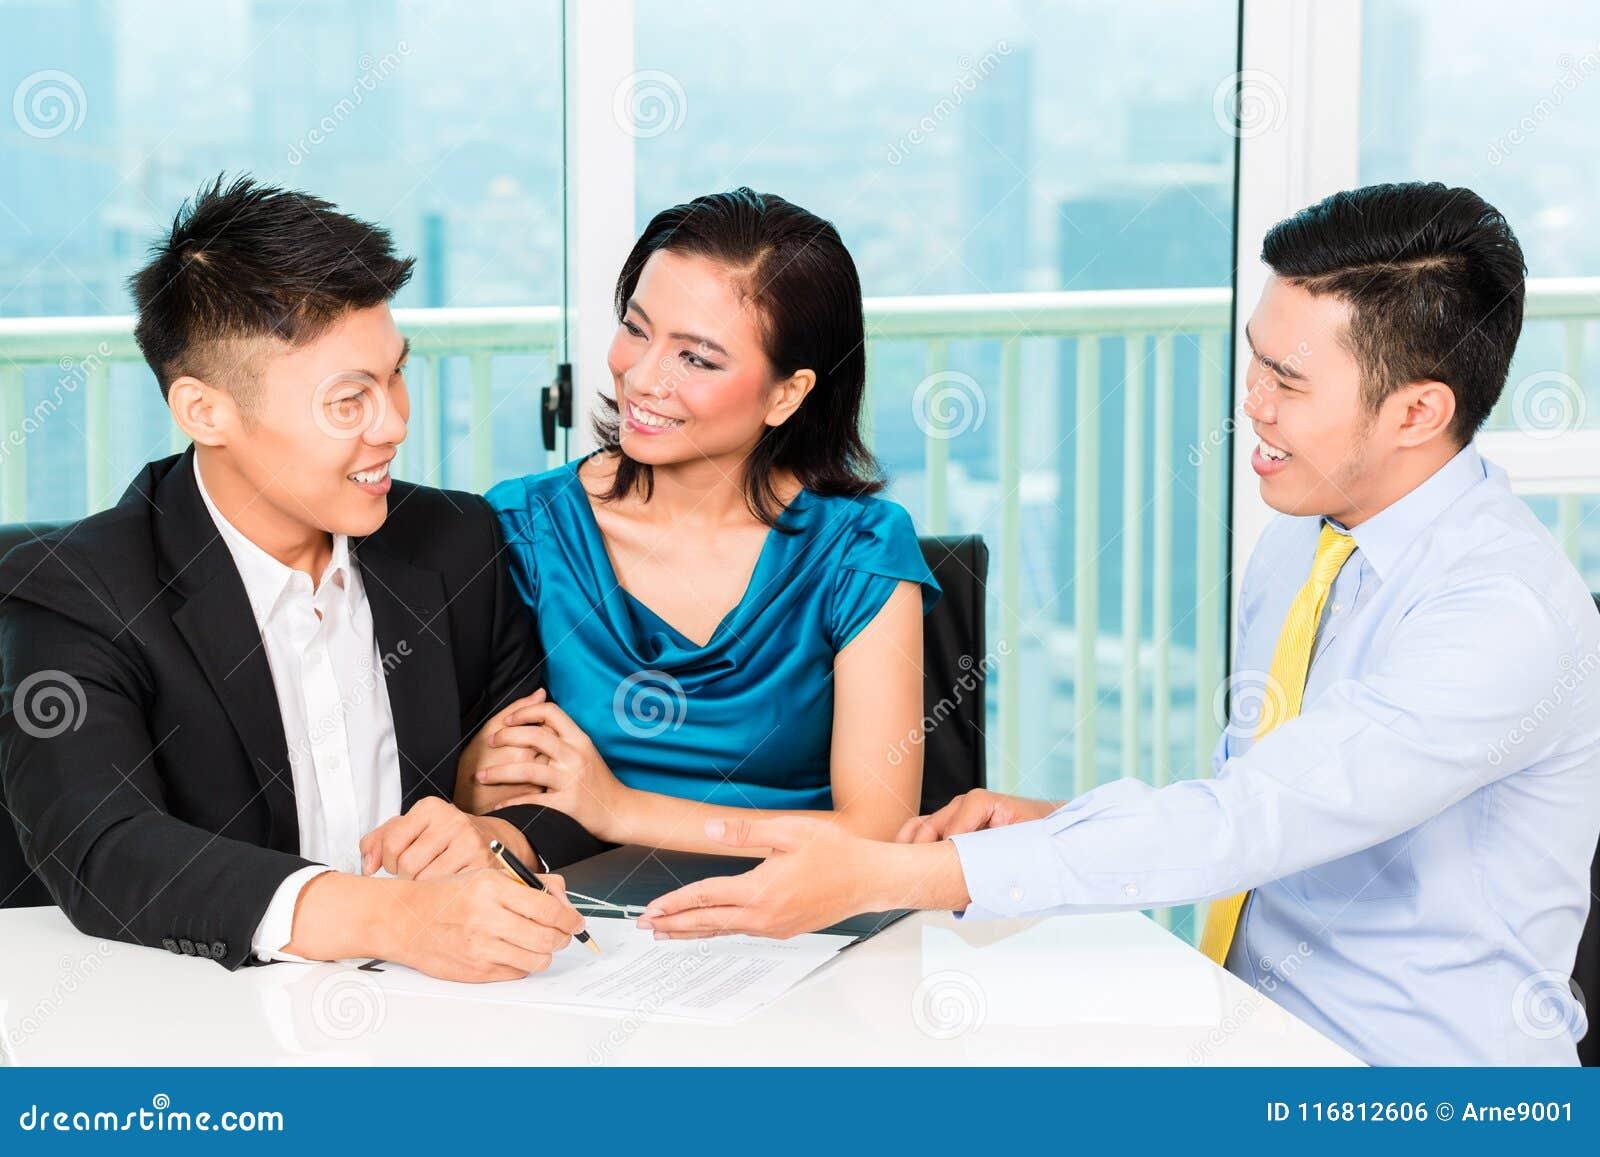 Banchiere asiatico che vende assicurazione alle coppie